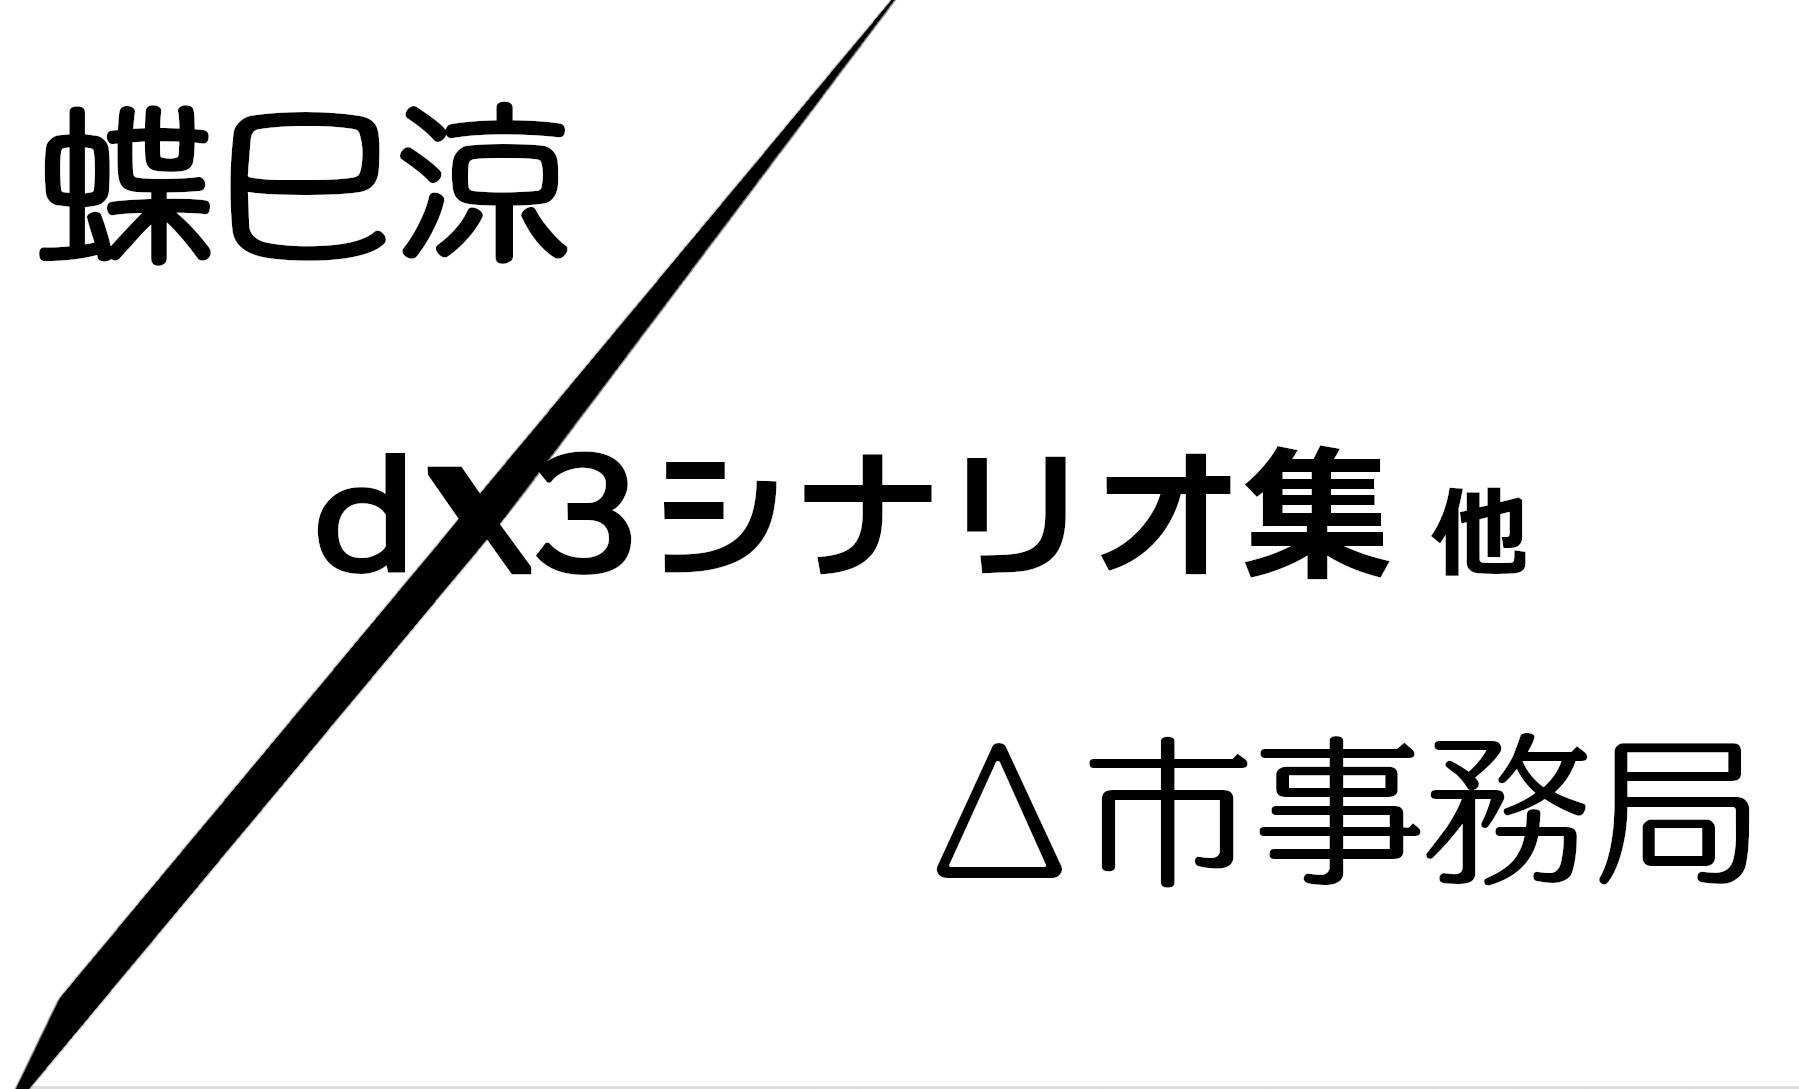 Δ市事務局/蝶巳涼画像